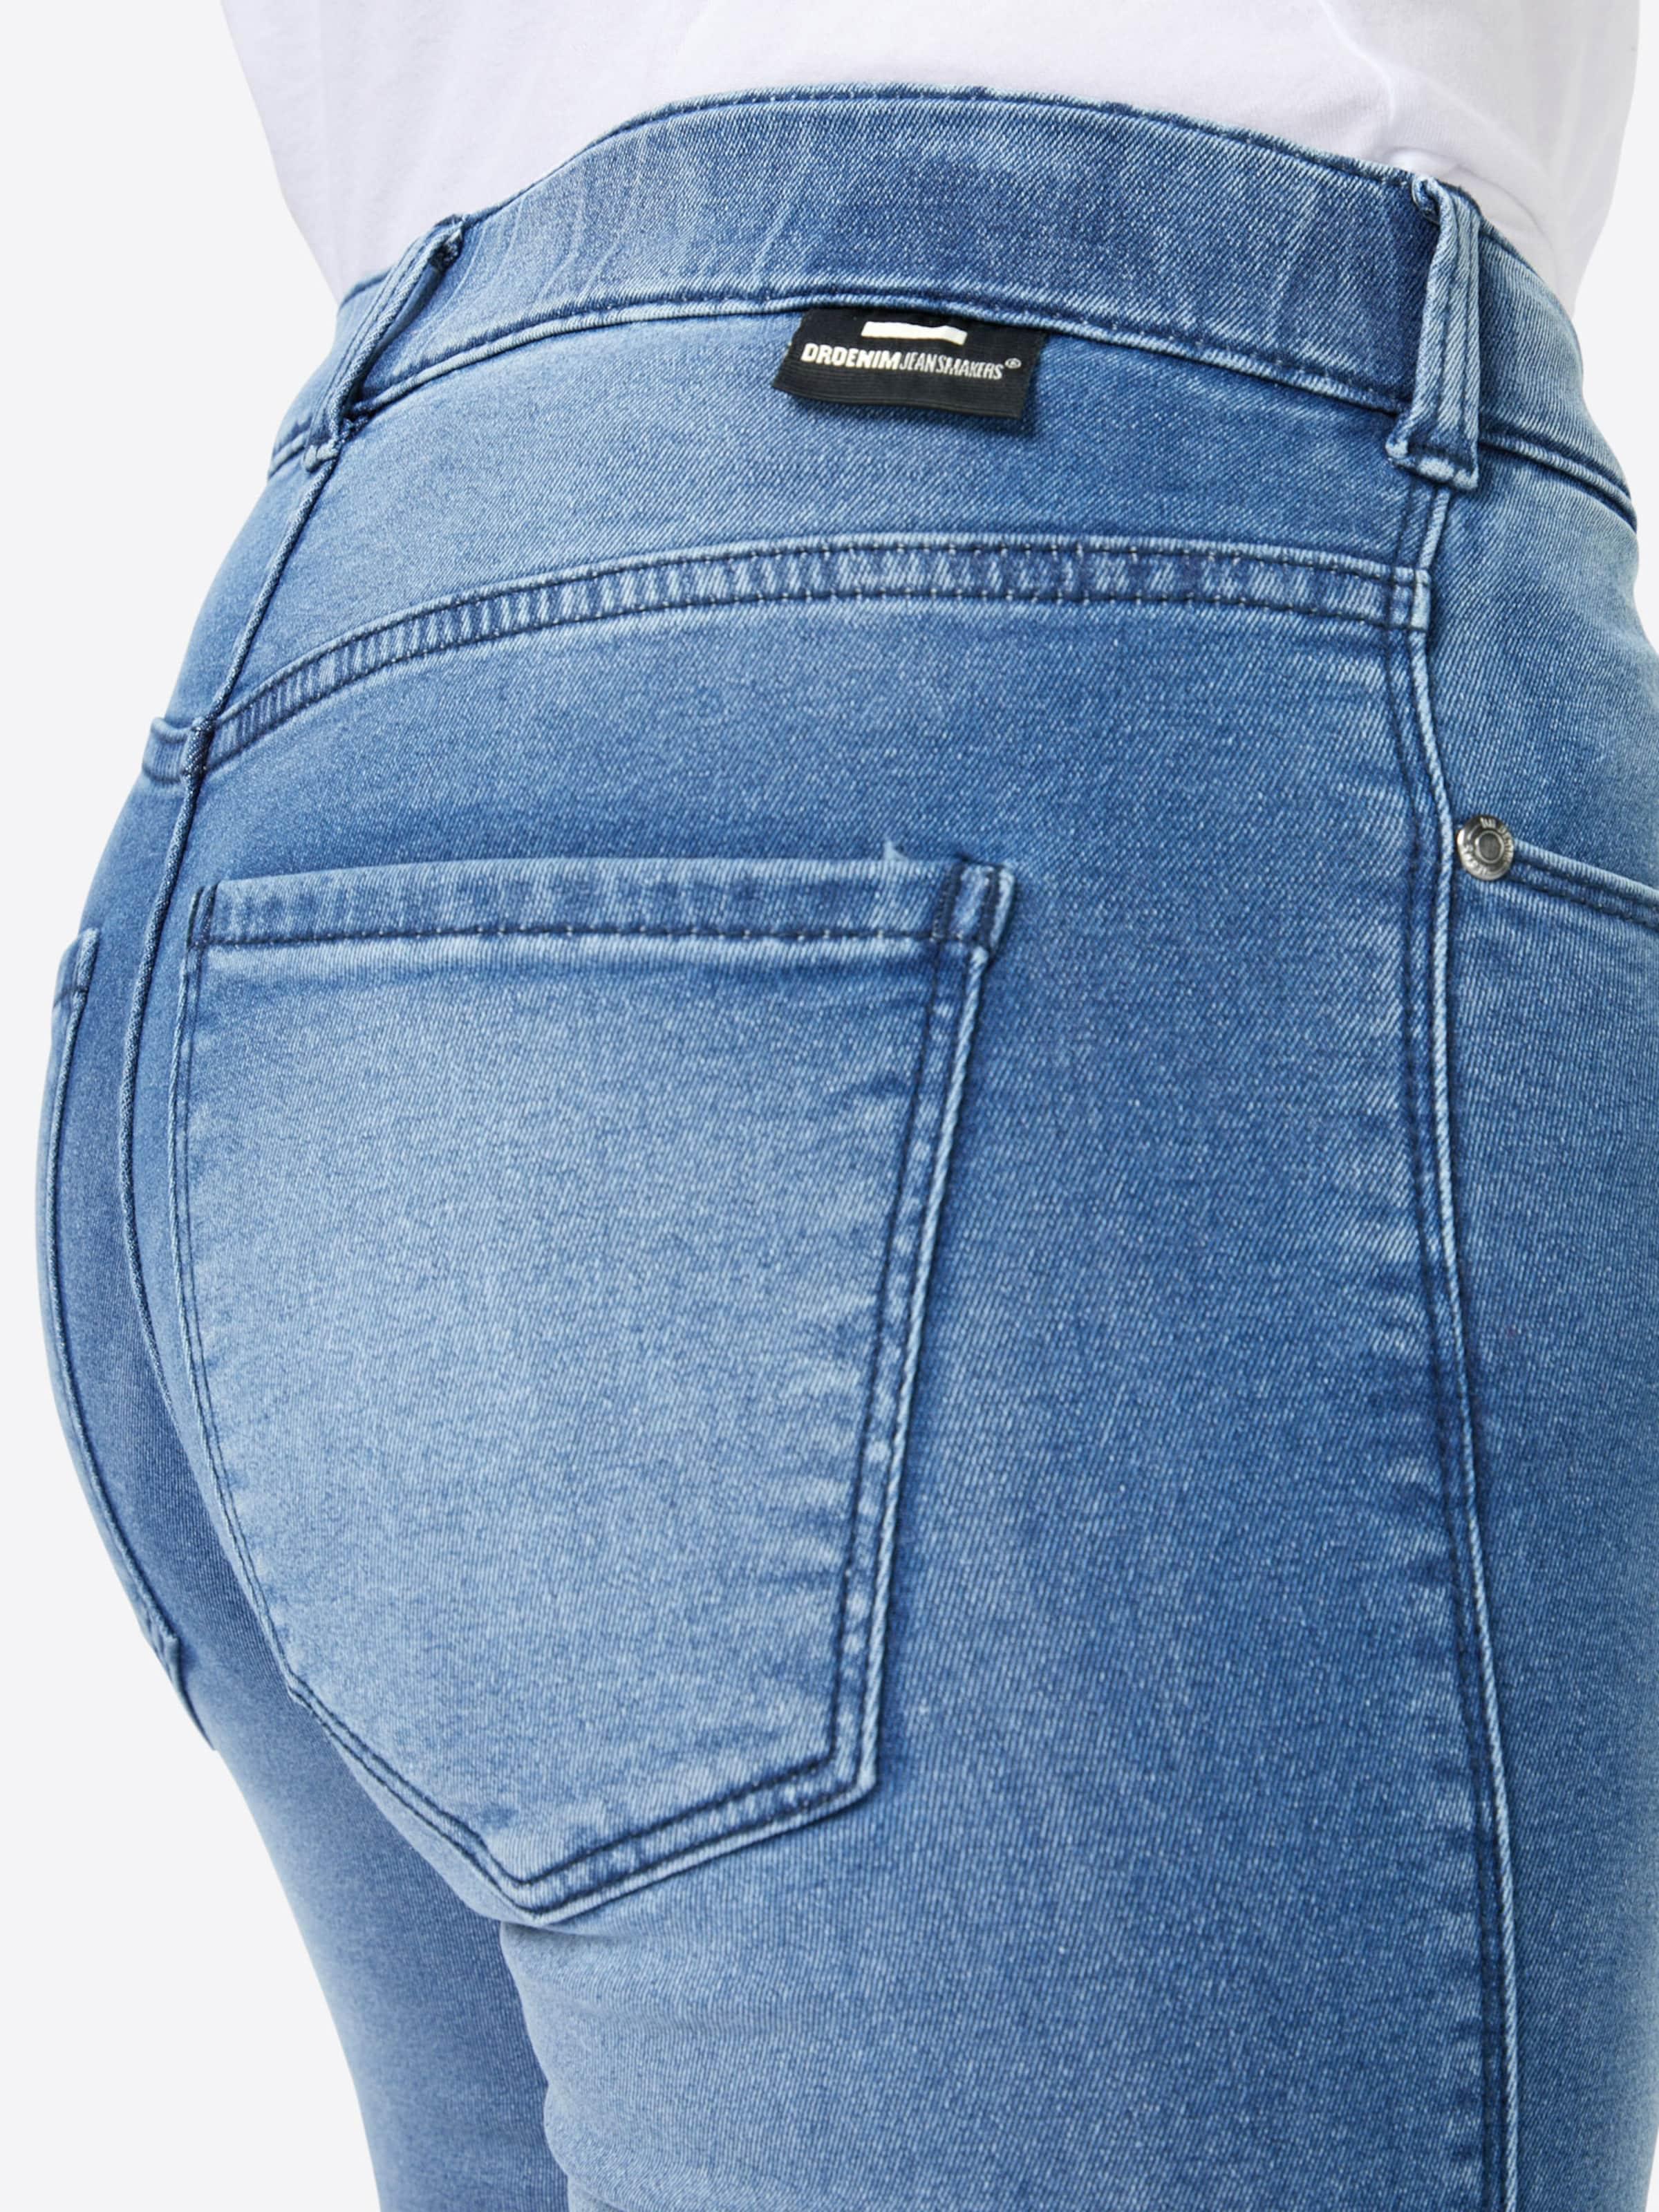 Dr. Denim 'Lexy' Skinny Jeans Günstig Kaufen Manchester Shop Für Günstige Online Angebote Zum Verkauf Kaufladen Rabatt Niedriger Versand 0JD1cOX